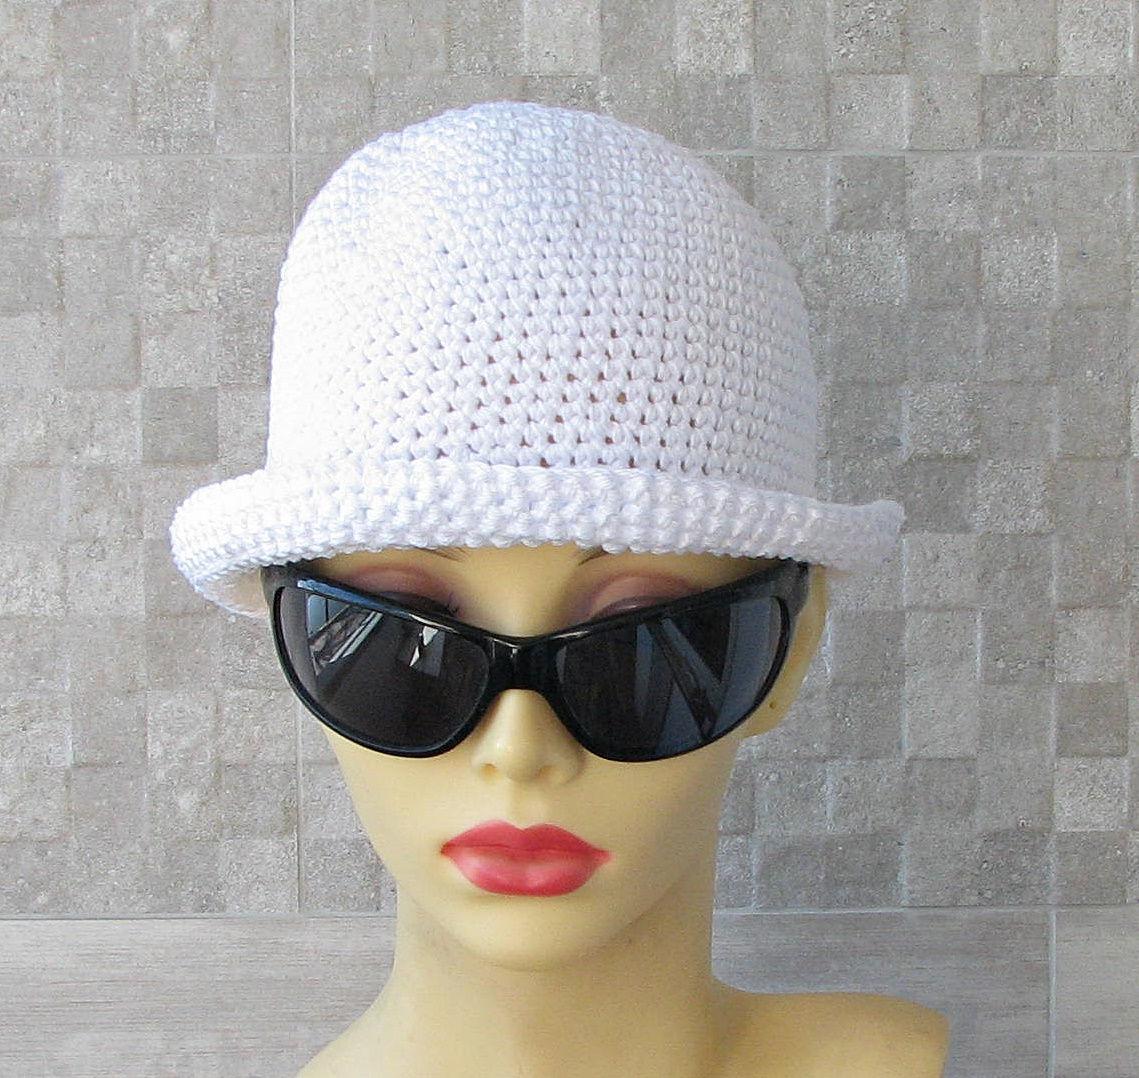 Weiße Baumwolle Cloche Sonne Hut häkeln Chemo sommerhut für